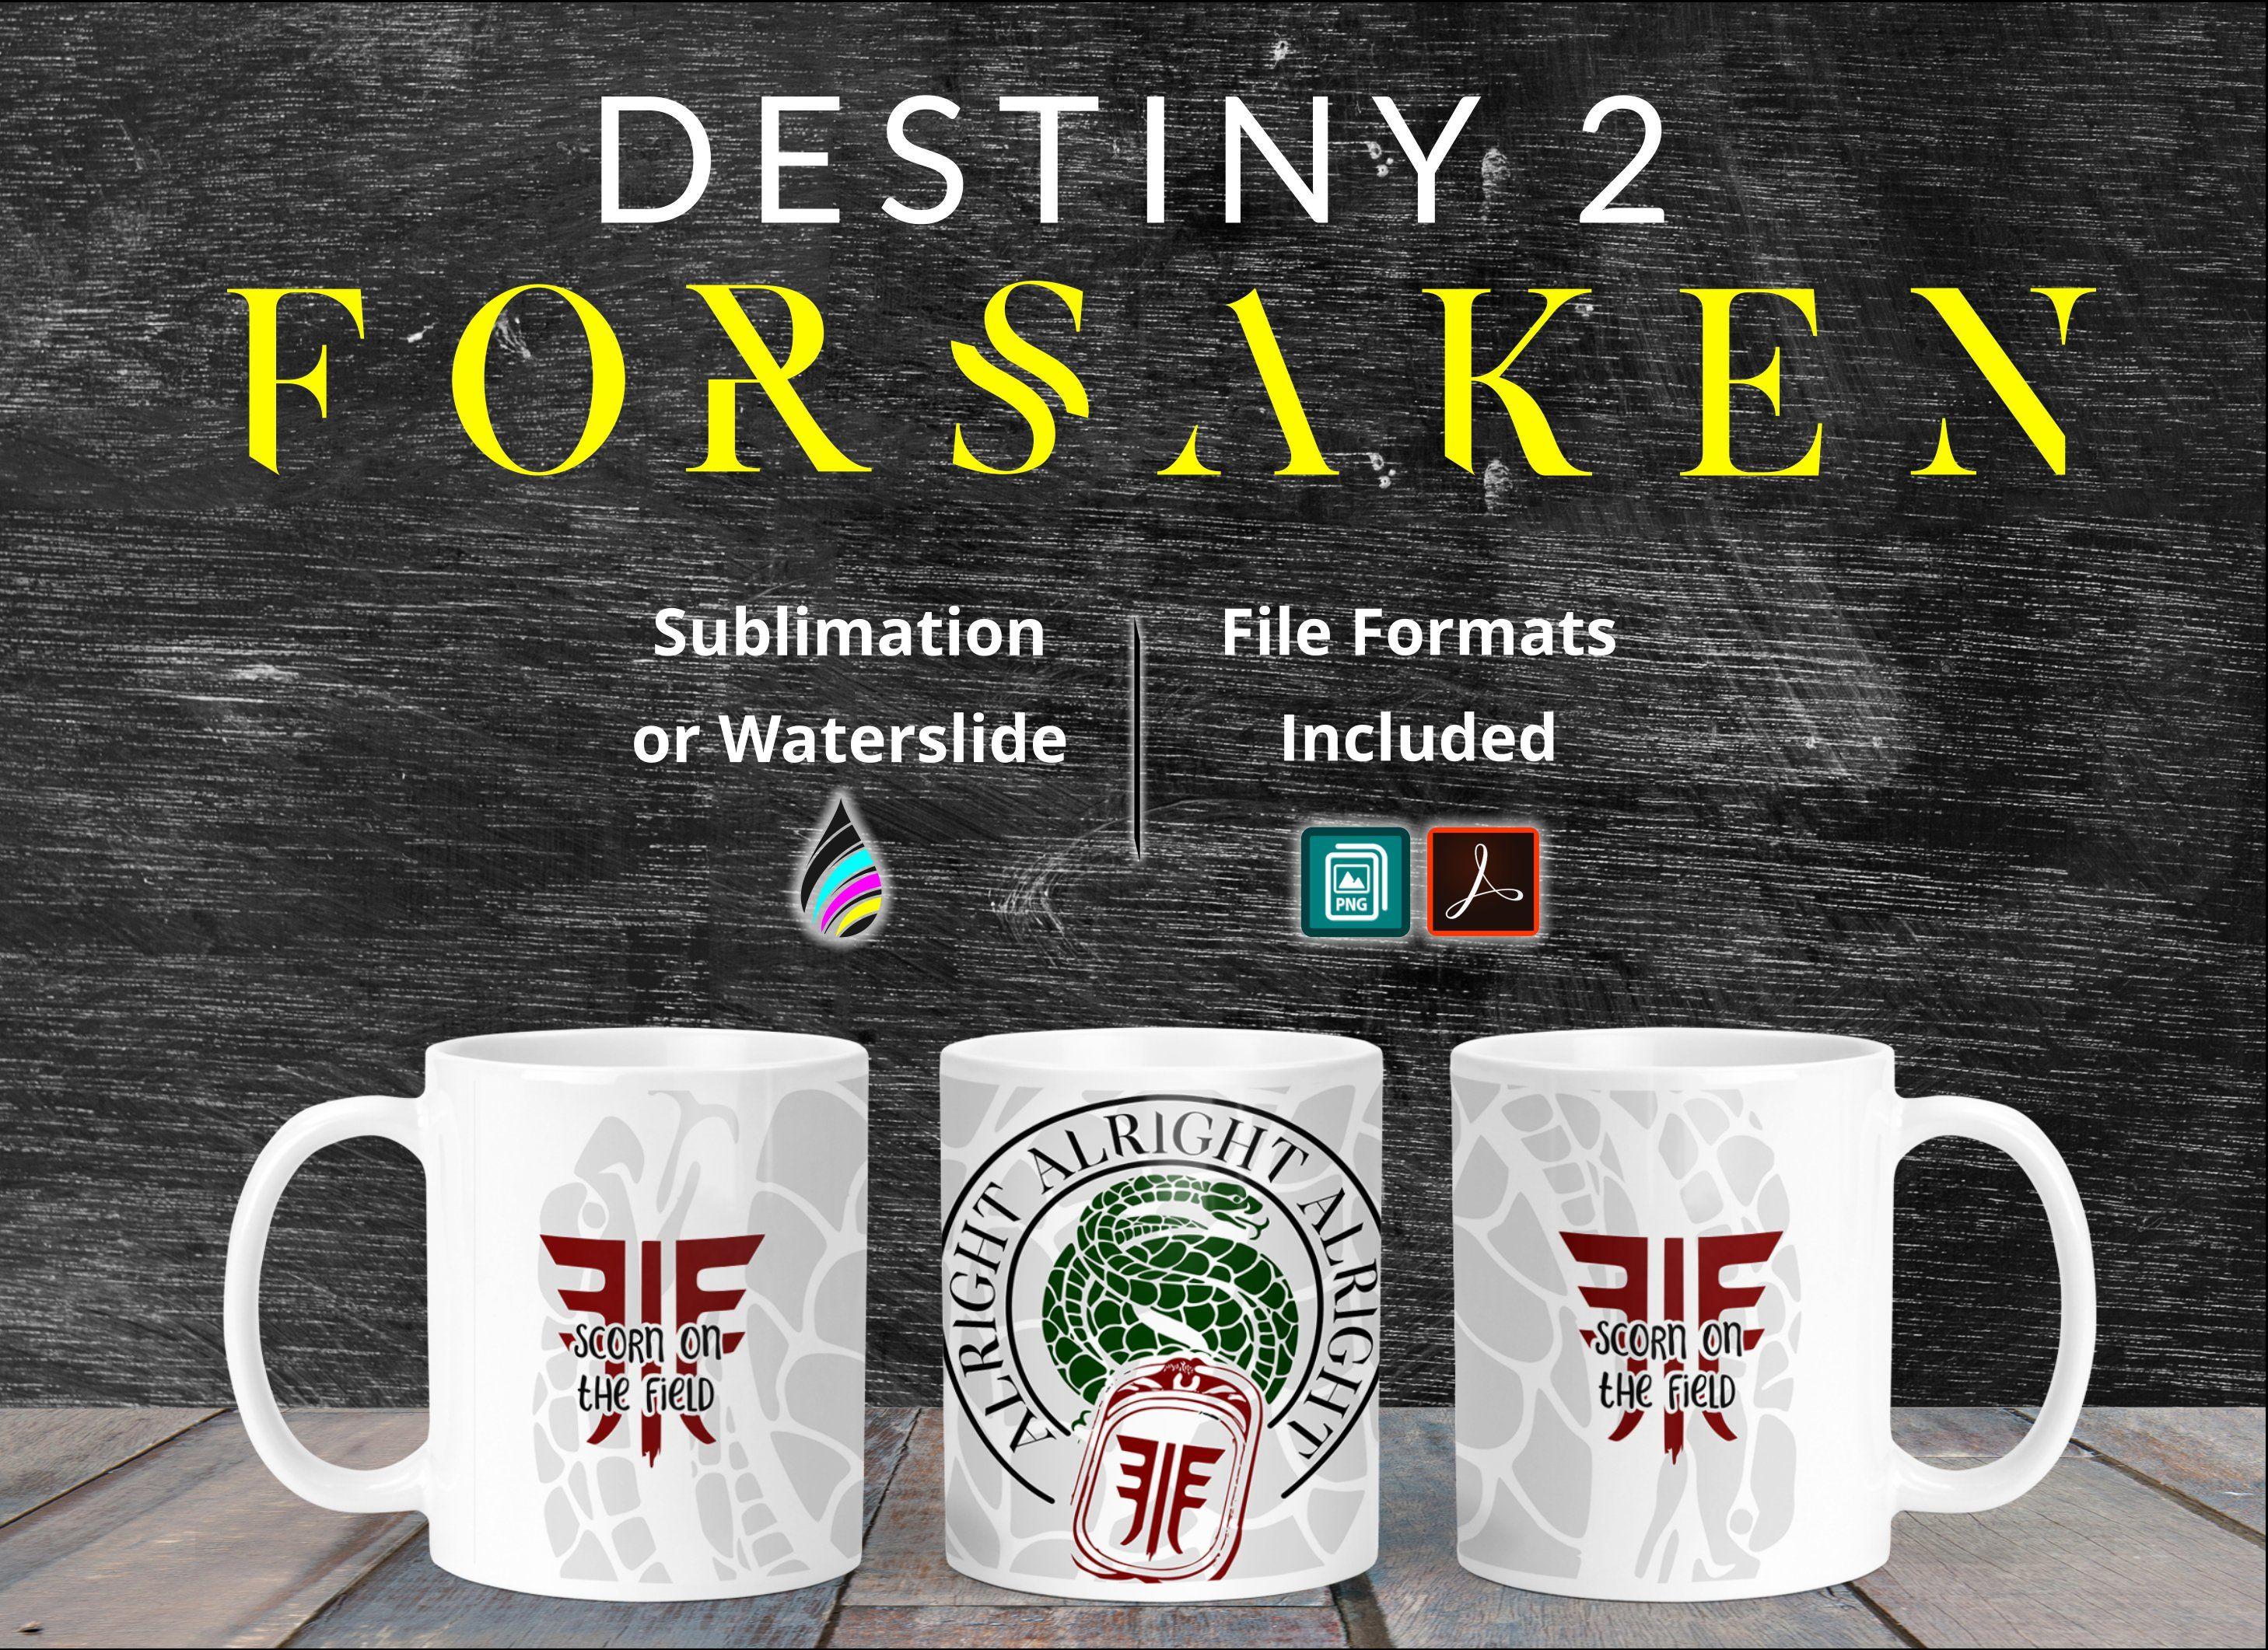 Destiny 2 Forsaken Gambit Scorn Mug Design Template For Dye